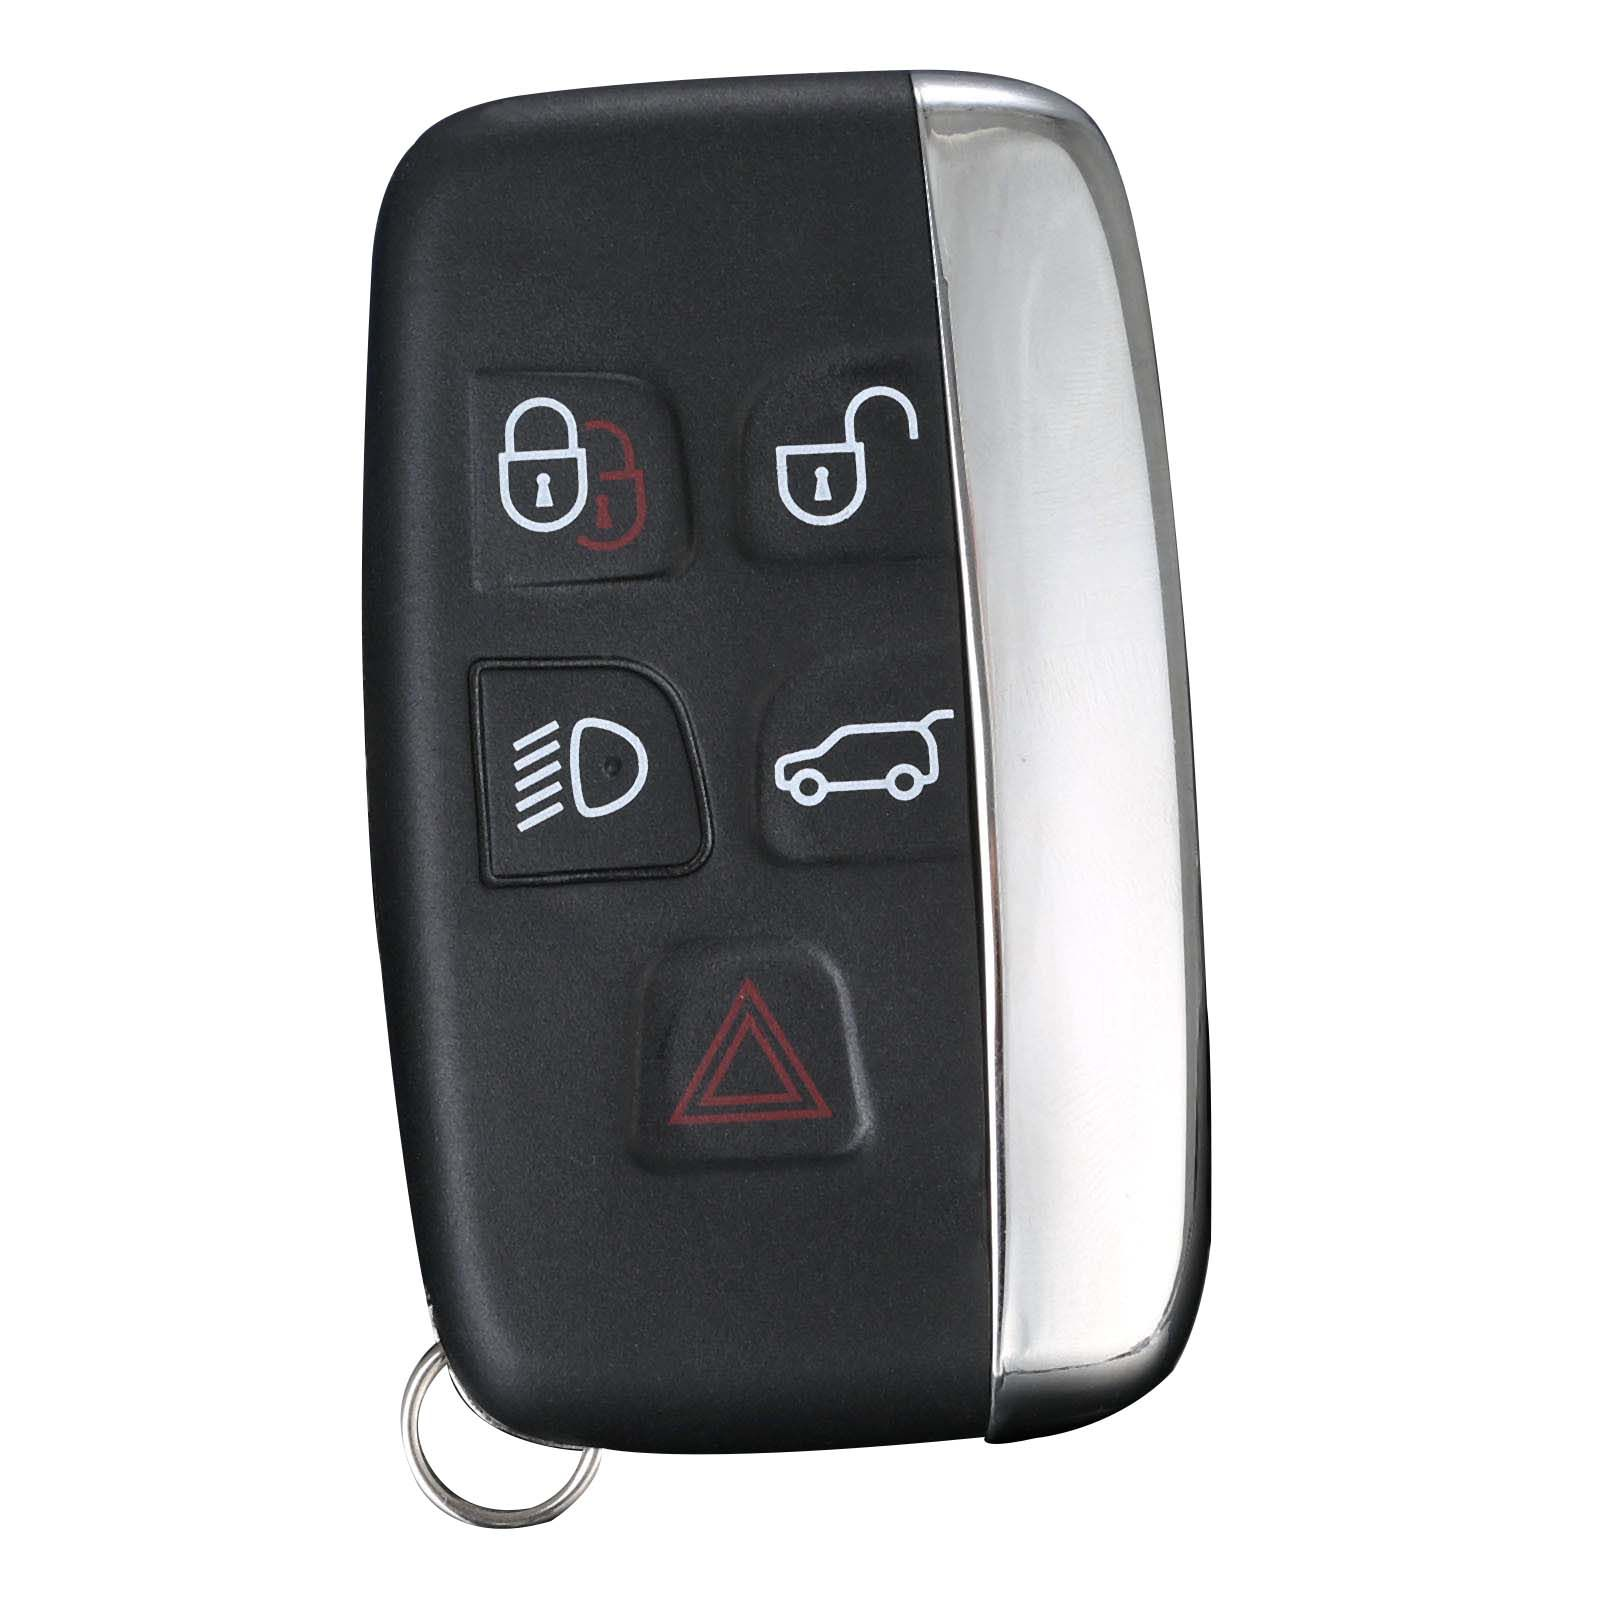 Chave Smart key Evoque 5 Botões 315MHZ - 60329